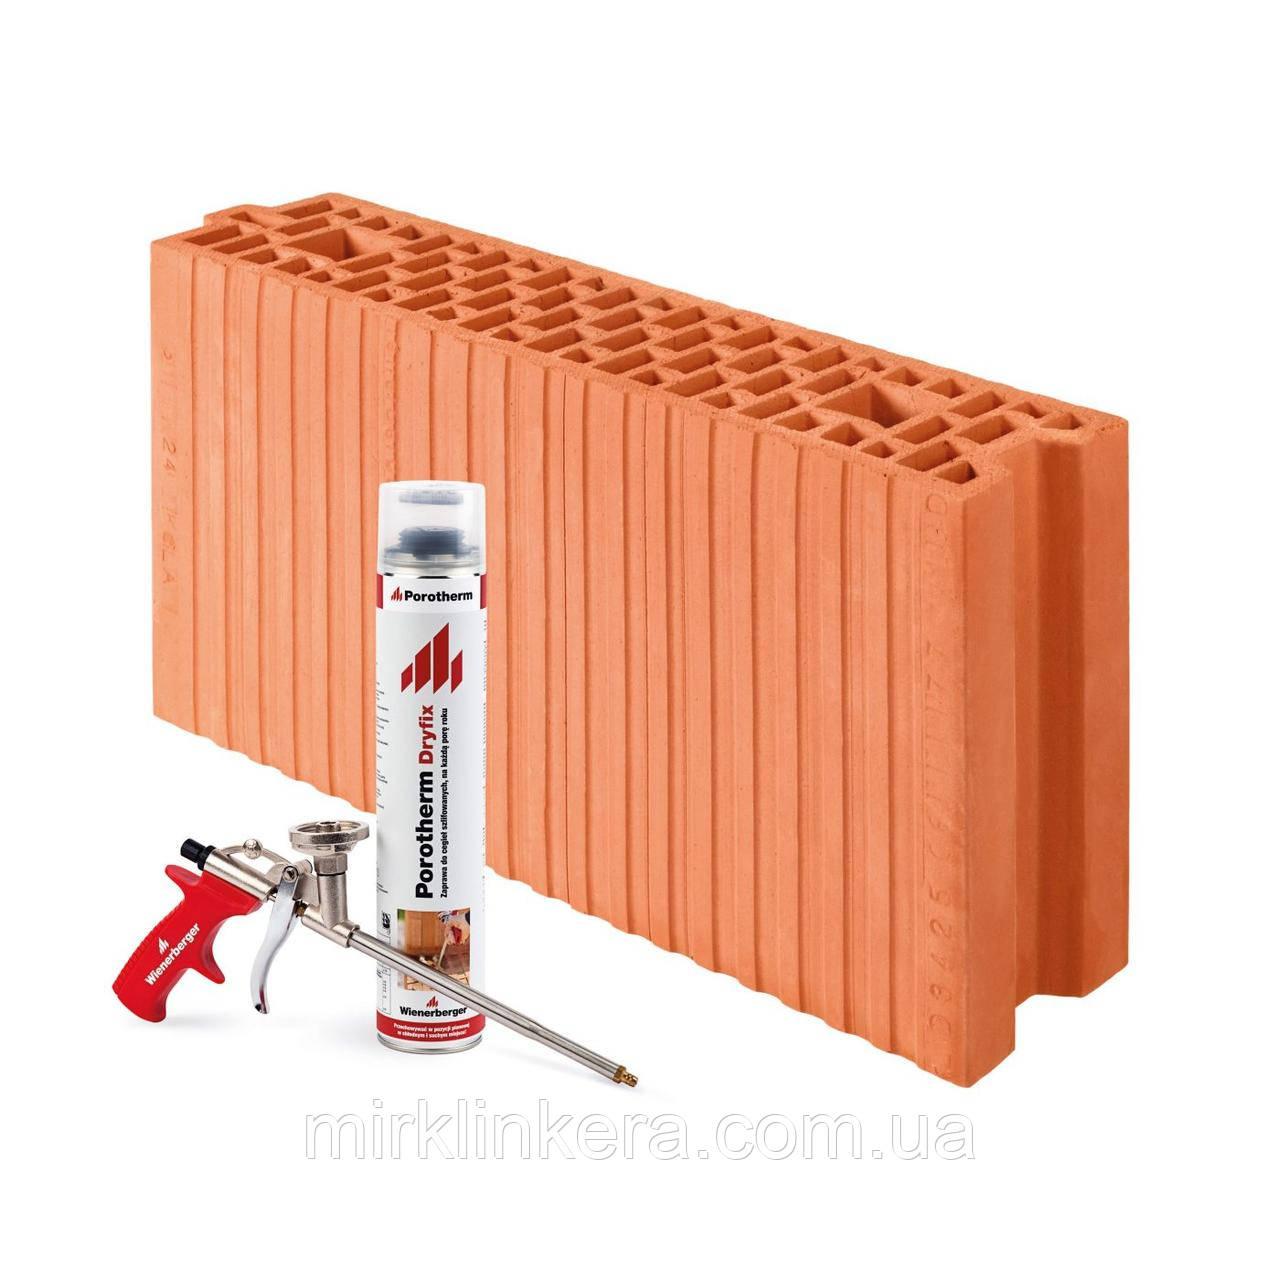 Керамічний блок Porotherm 25 PW